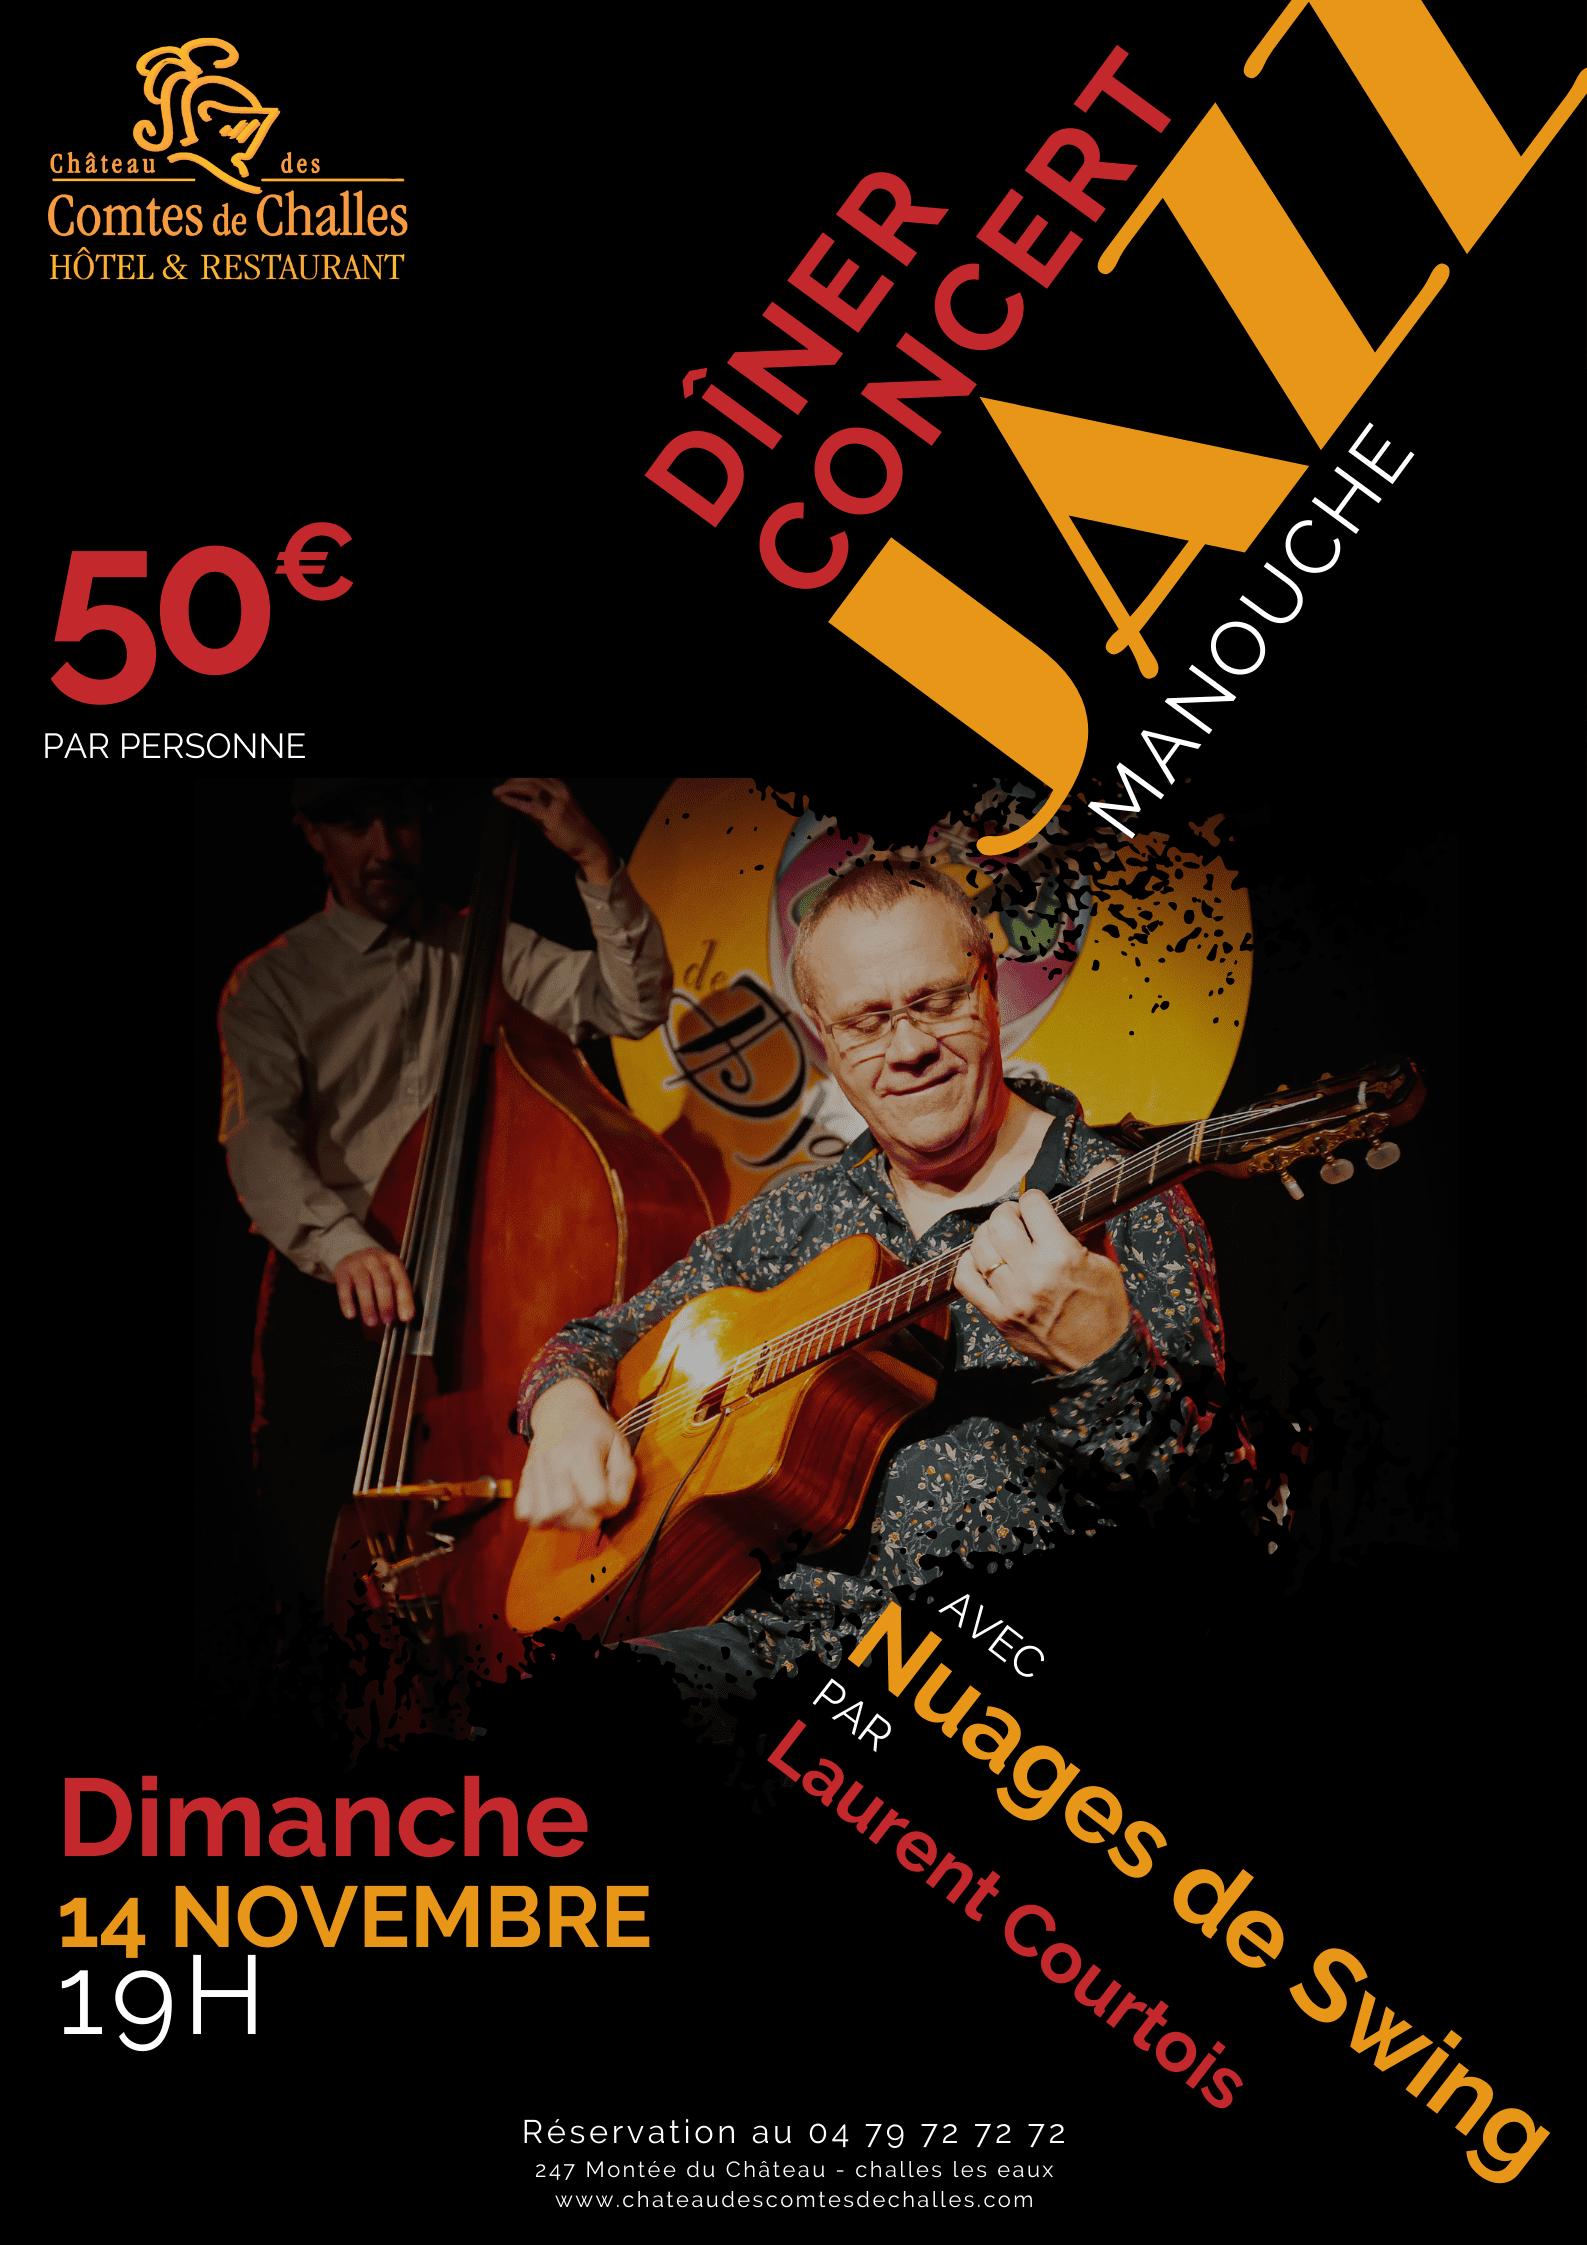 DINER CONCERT - NUAGES DE SWING par Laurent COURTOIS